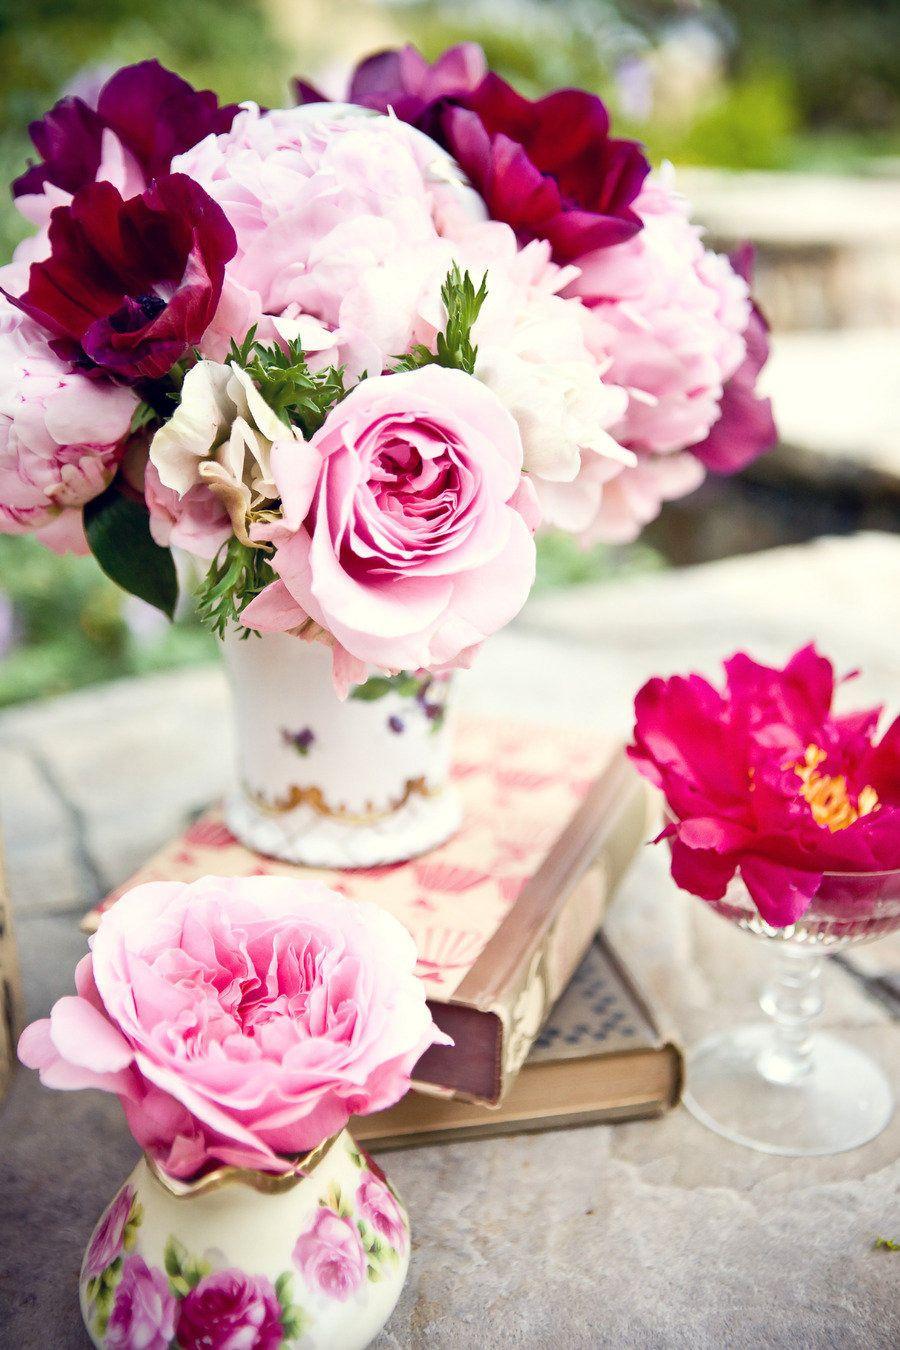 Wedding Ideas: Throw a Memorable Wedding Party | Allison\'s Wedding ...